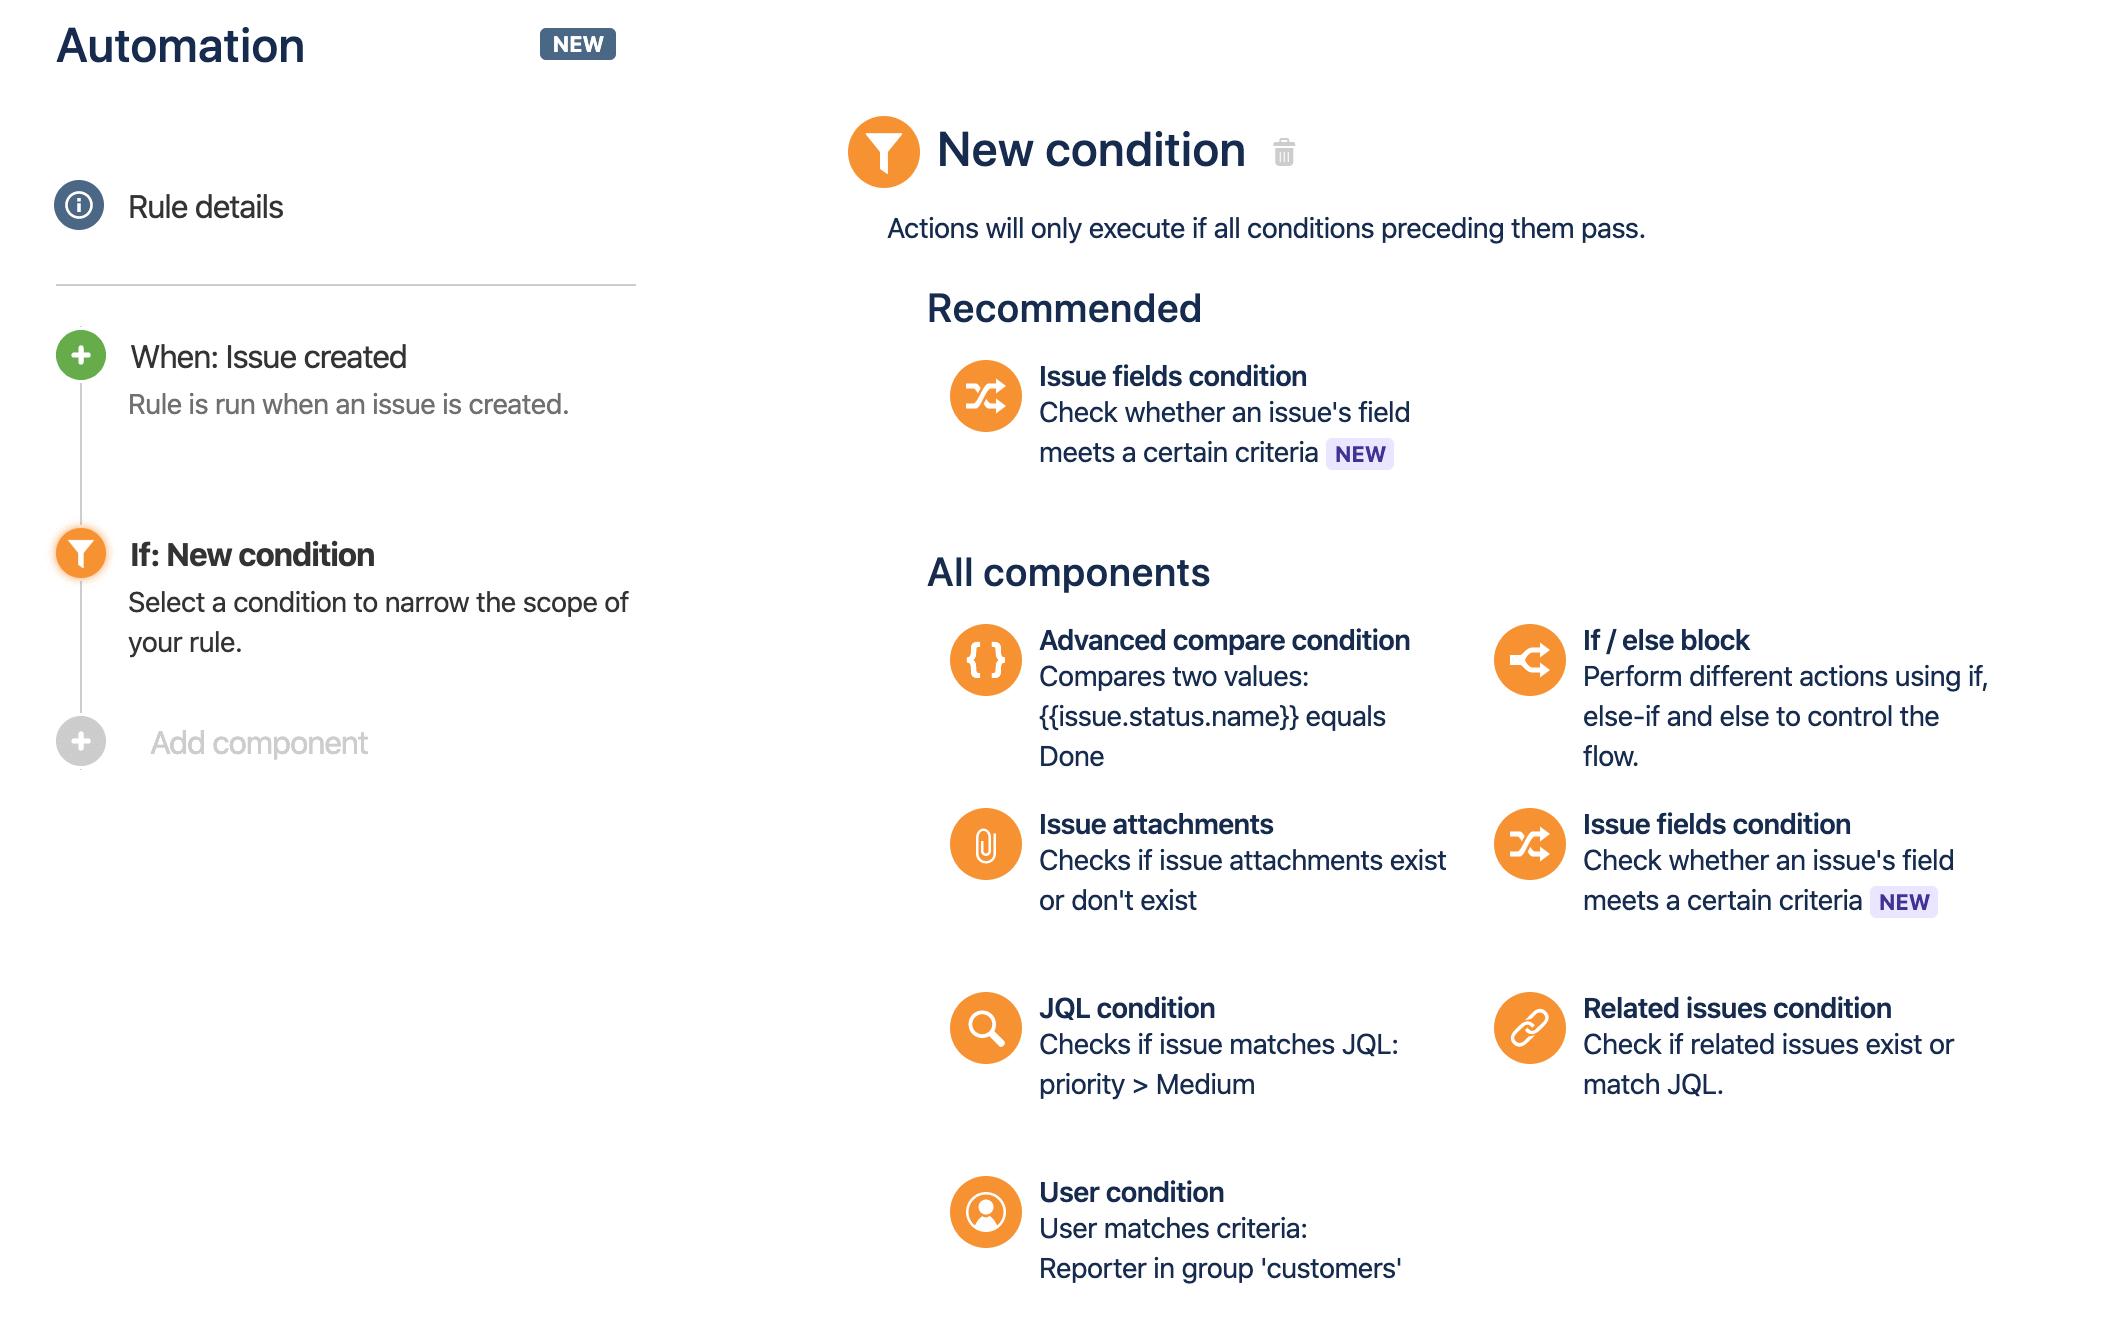 Liste der verfügbaren Bedingungen zur Regelerstellung.